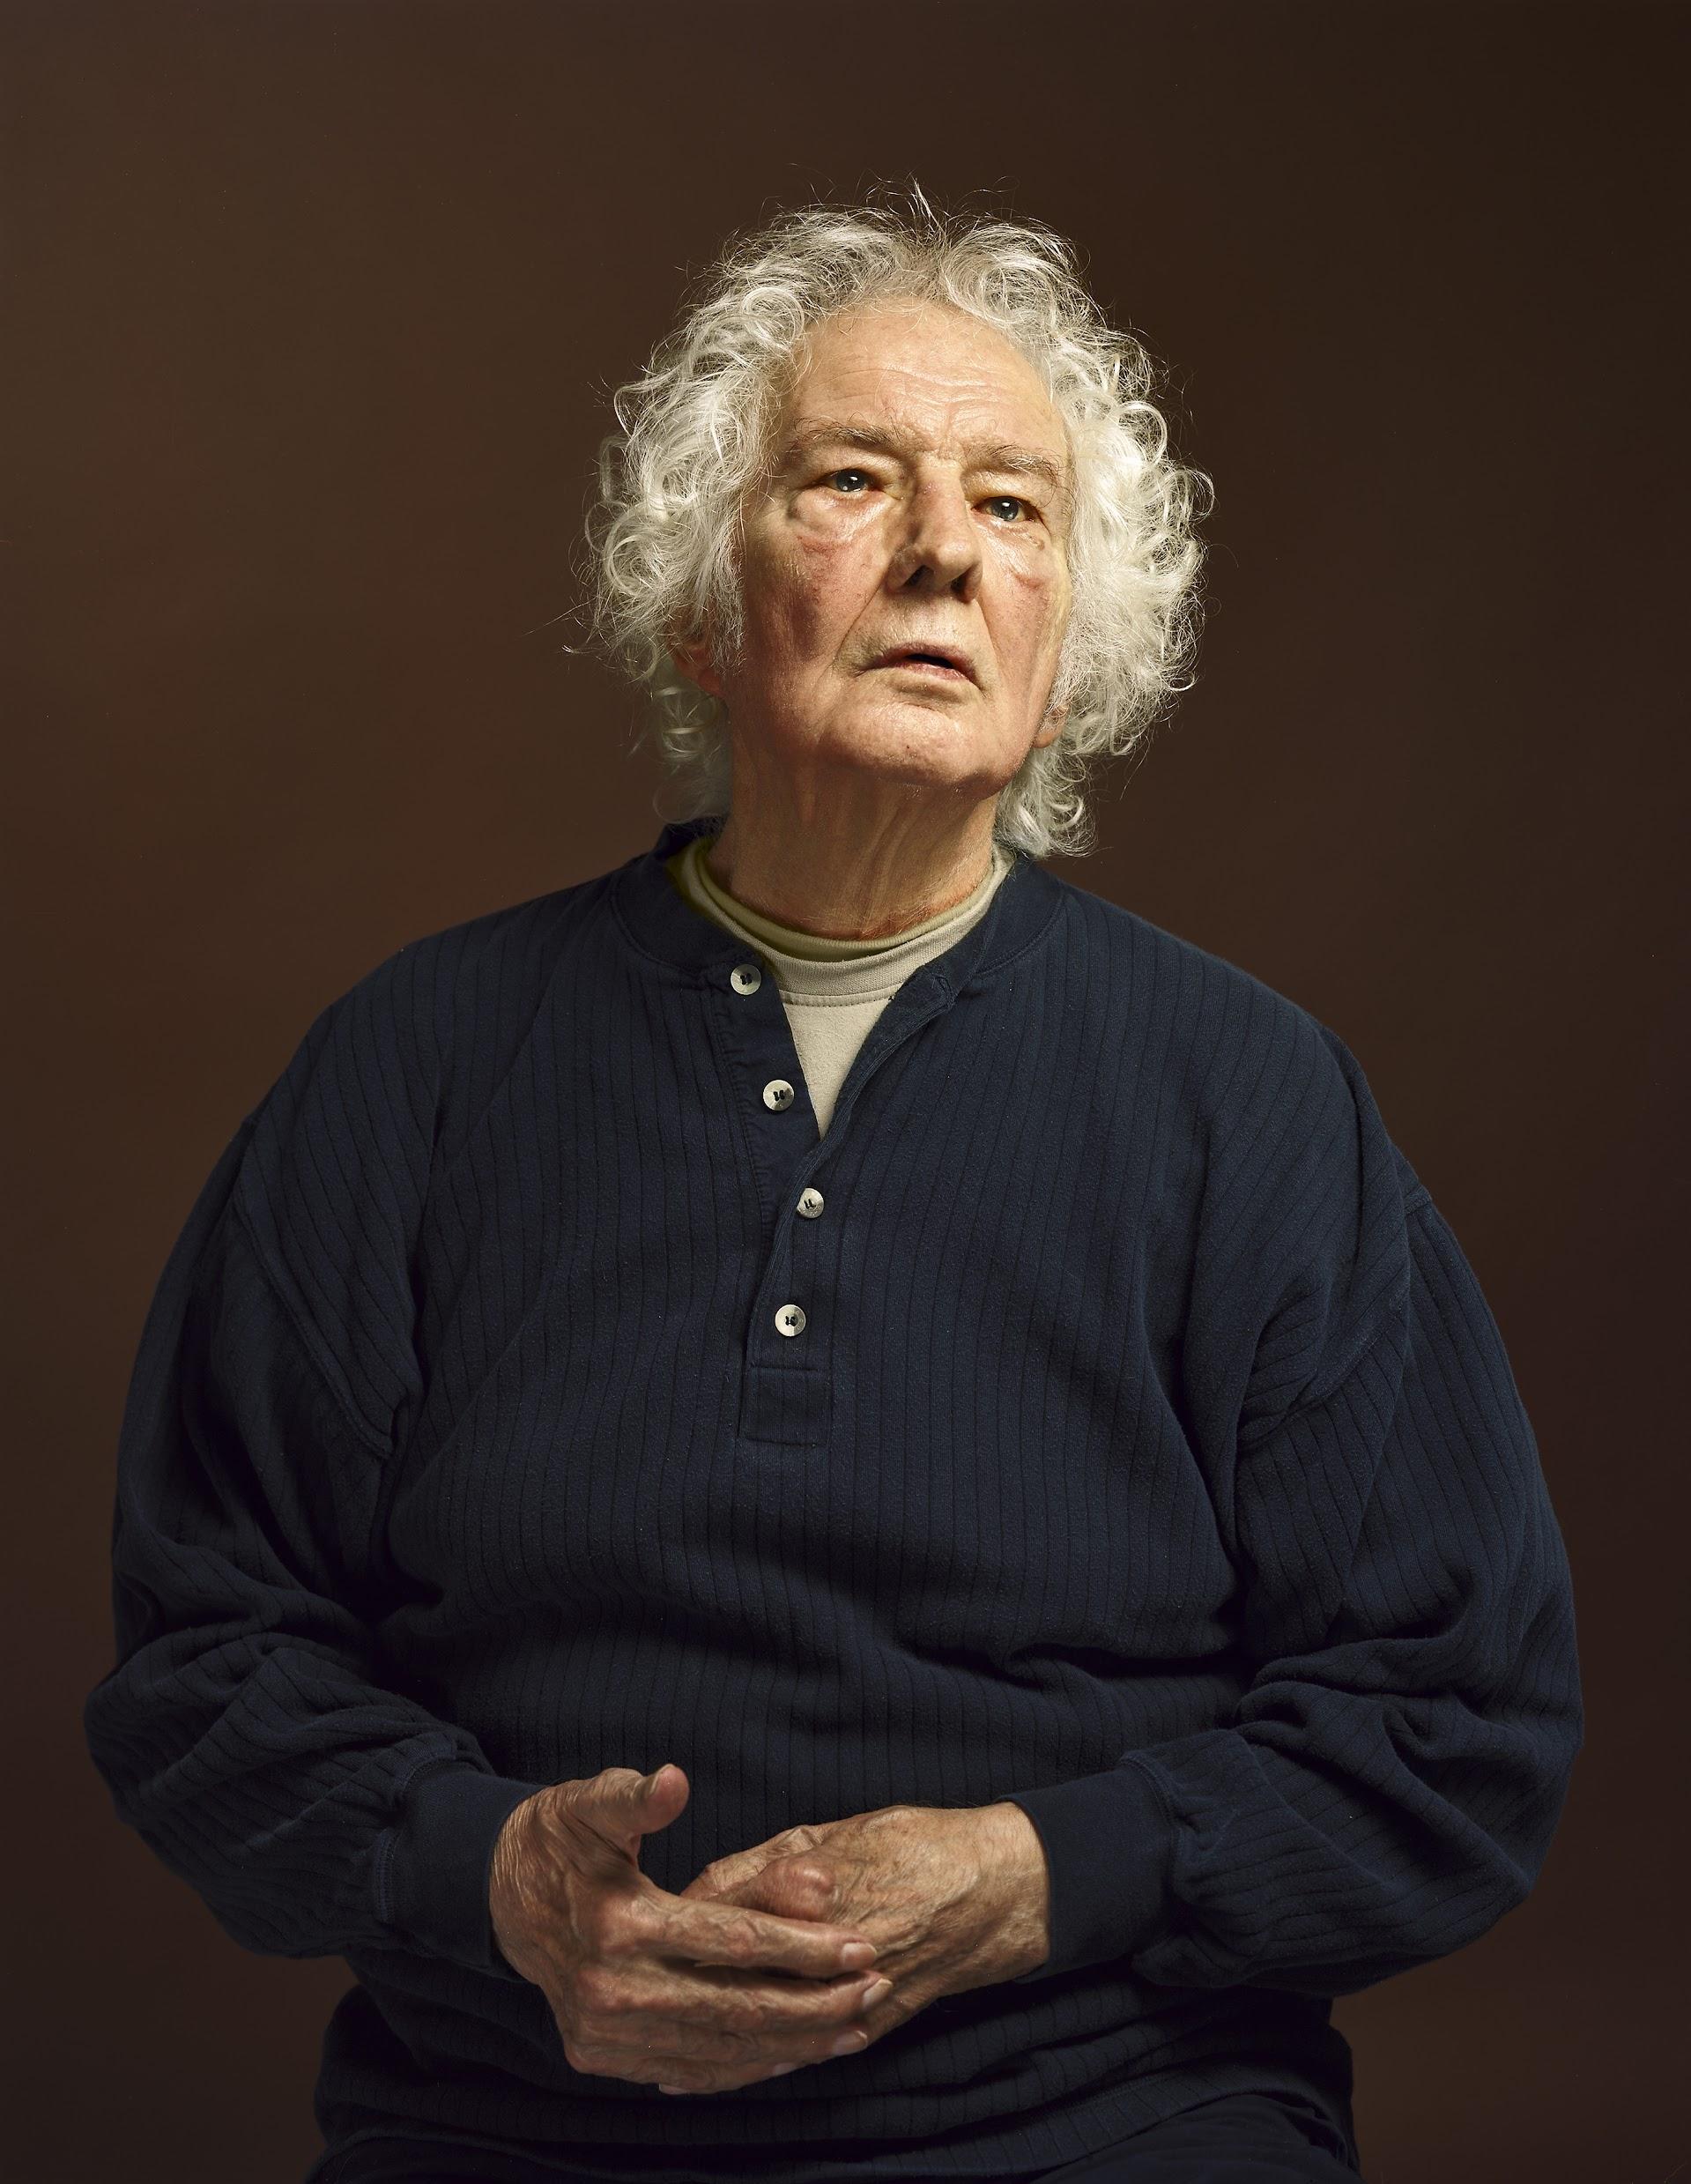 Koos Breukel, portret van Jan Wolkers (2007)